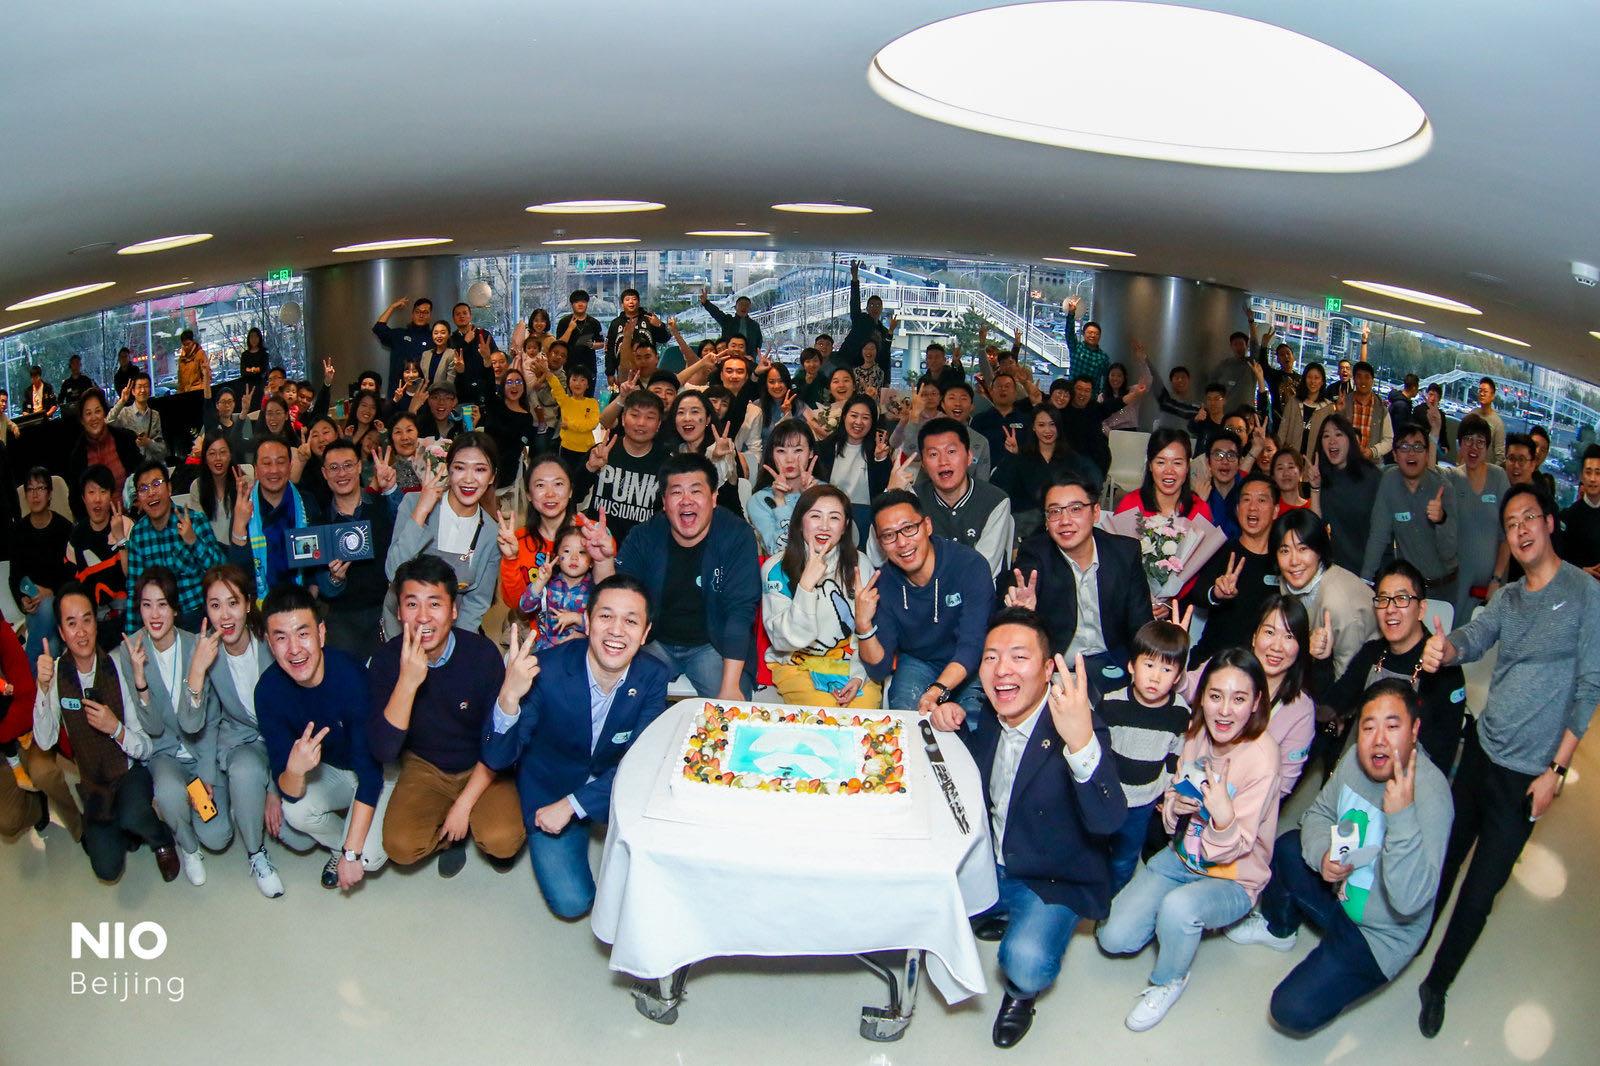 李斌与蔚来车主共同庆祝东方广场蔚来中心成立两周年